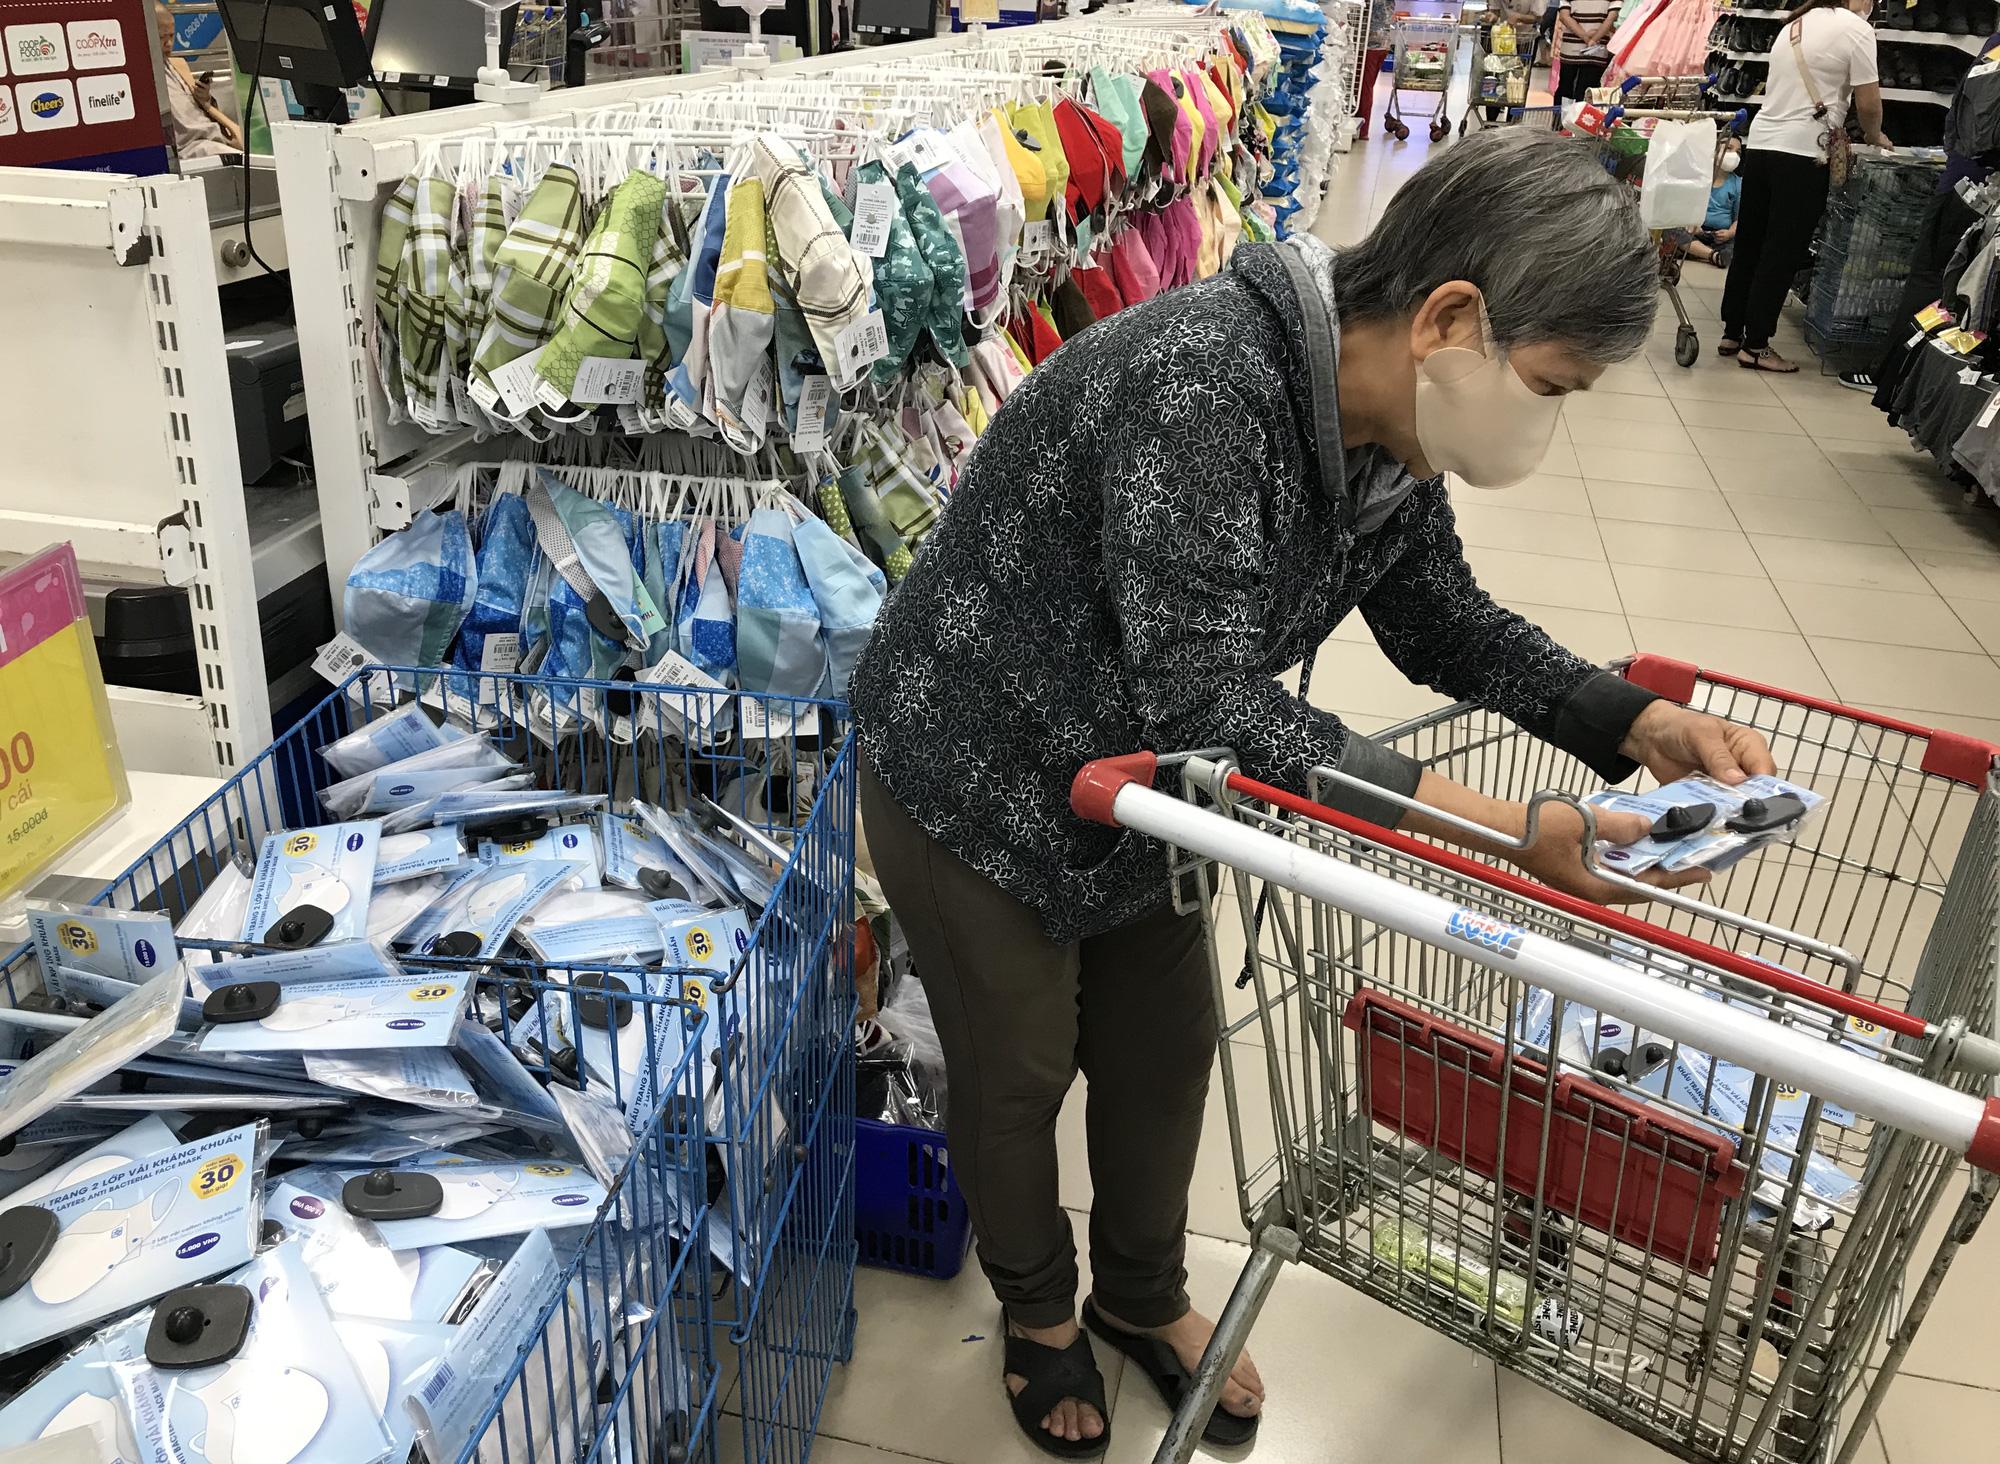 Đà Nẵng tạm thời đóng cửa các cơ sở kinh doanh dịch vụ thẩm mĩ - Ảnh 1.